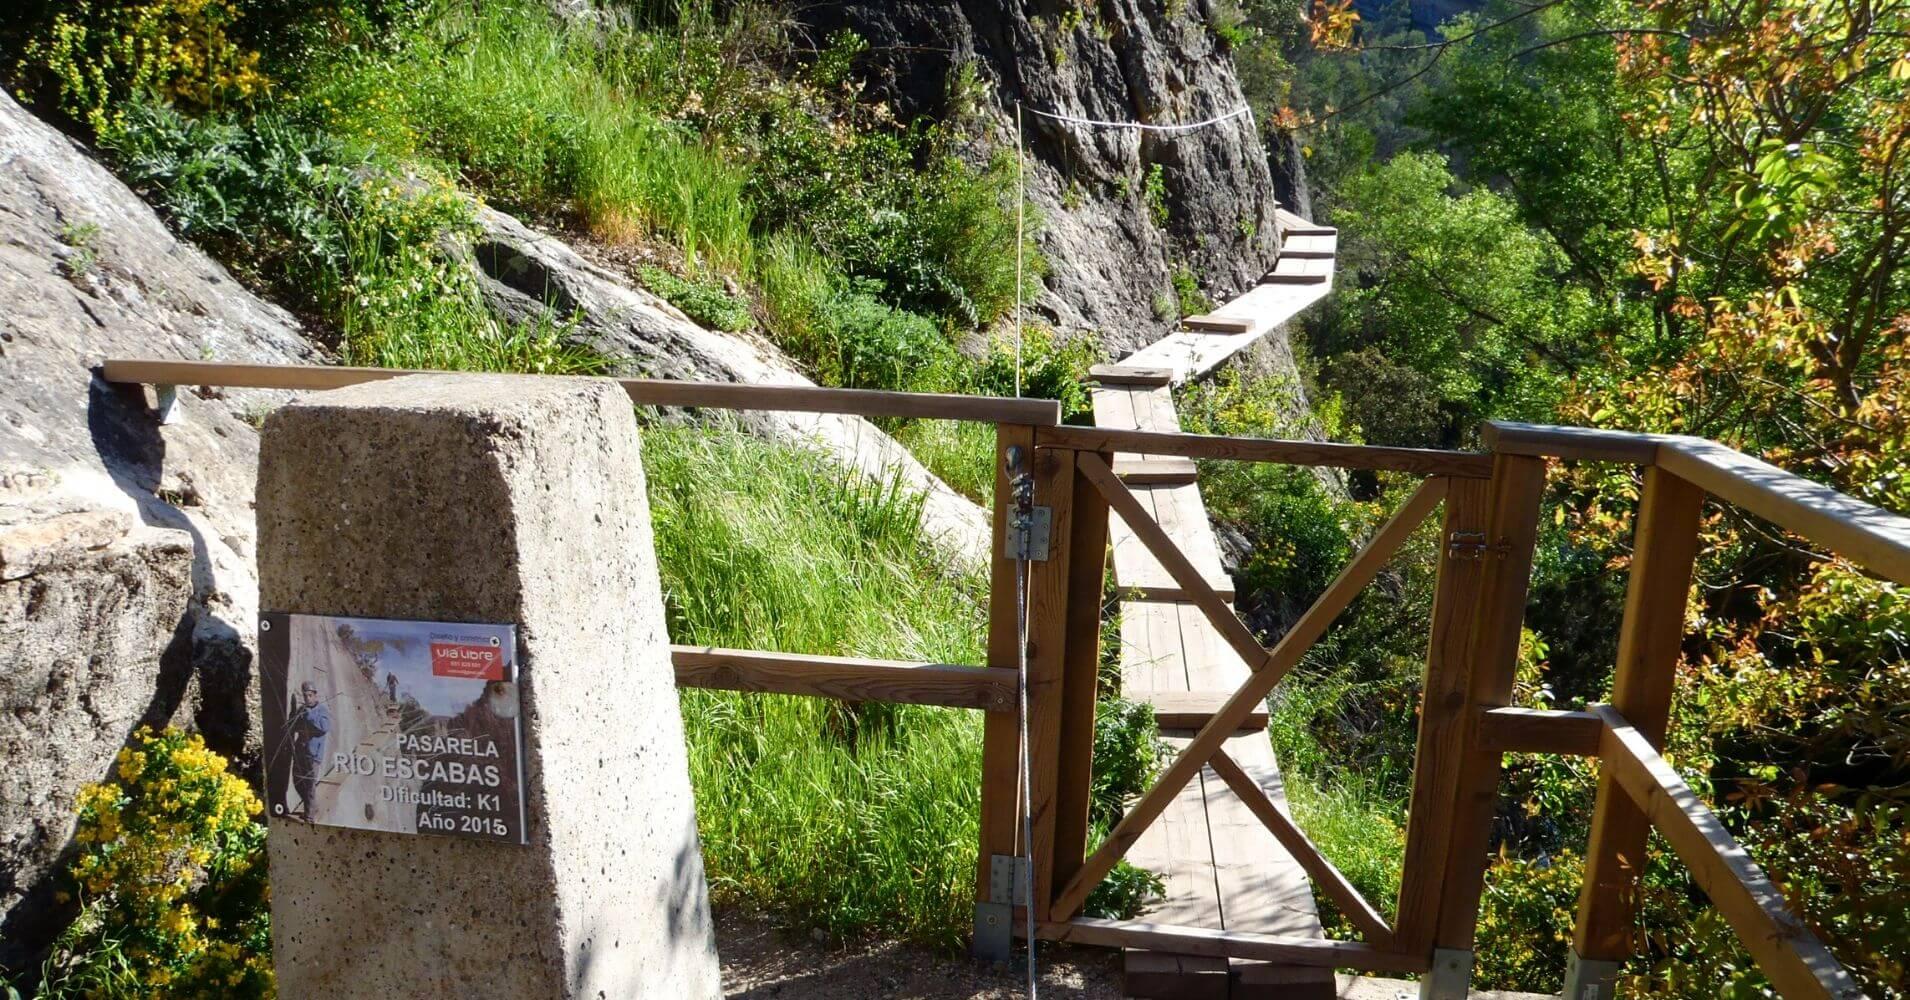 Inicio Camino Equipado de la Pasarela del Río Escabas. Priego, Cuenca. Castilla la Mancha.